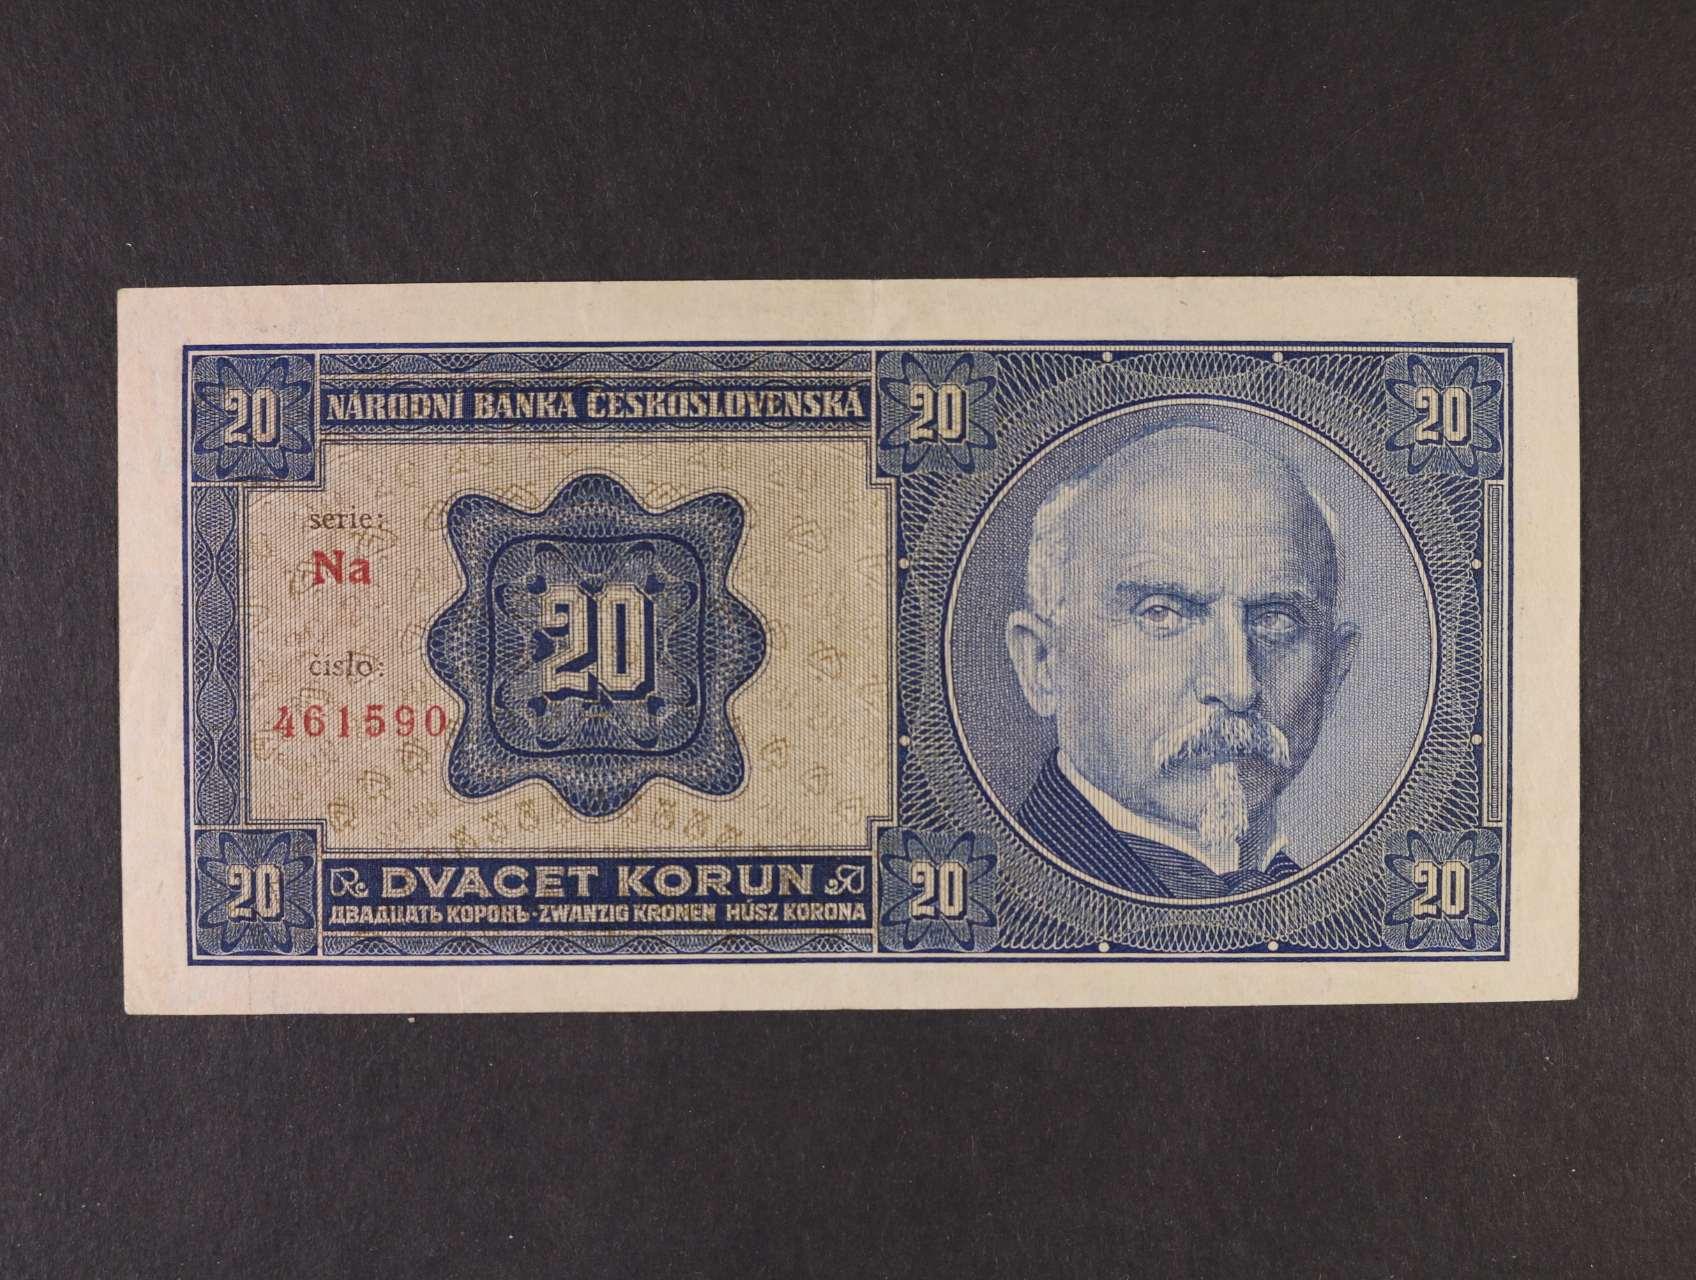 20 Kč 1.10.1926 série Nb tisk Haase Praha, Ba. 21b1, Pi. 21a